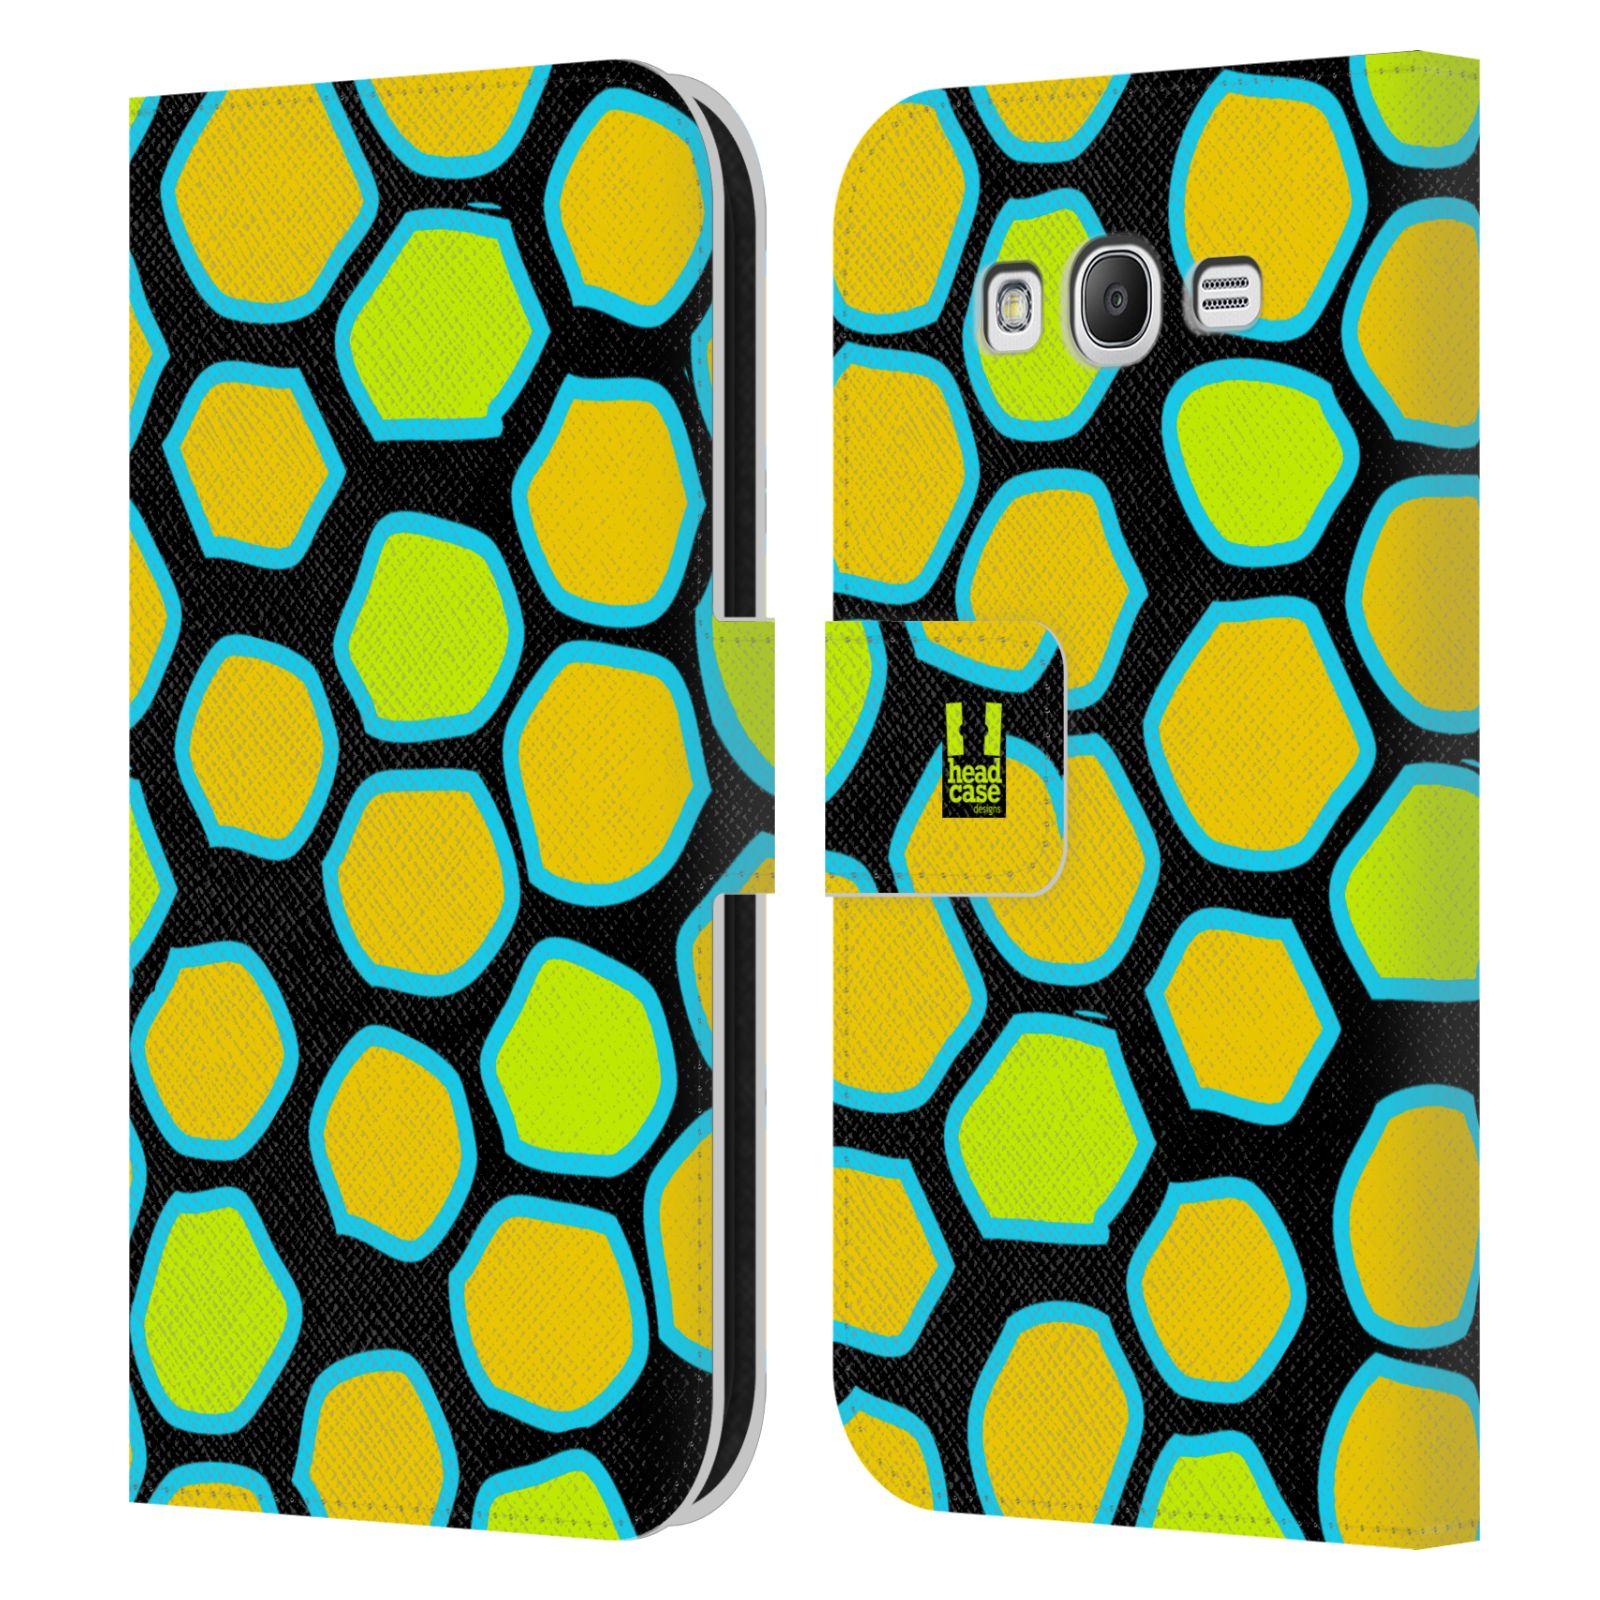 HEAD CASE Flipové pouzdro pro mobil Samsung Galaxy Grand i9080 Zvířecí barevné vzory žlutý had